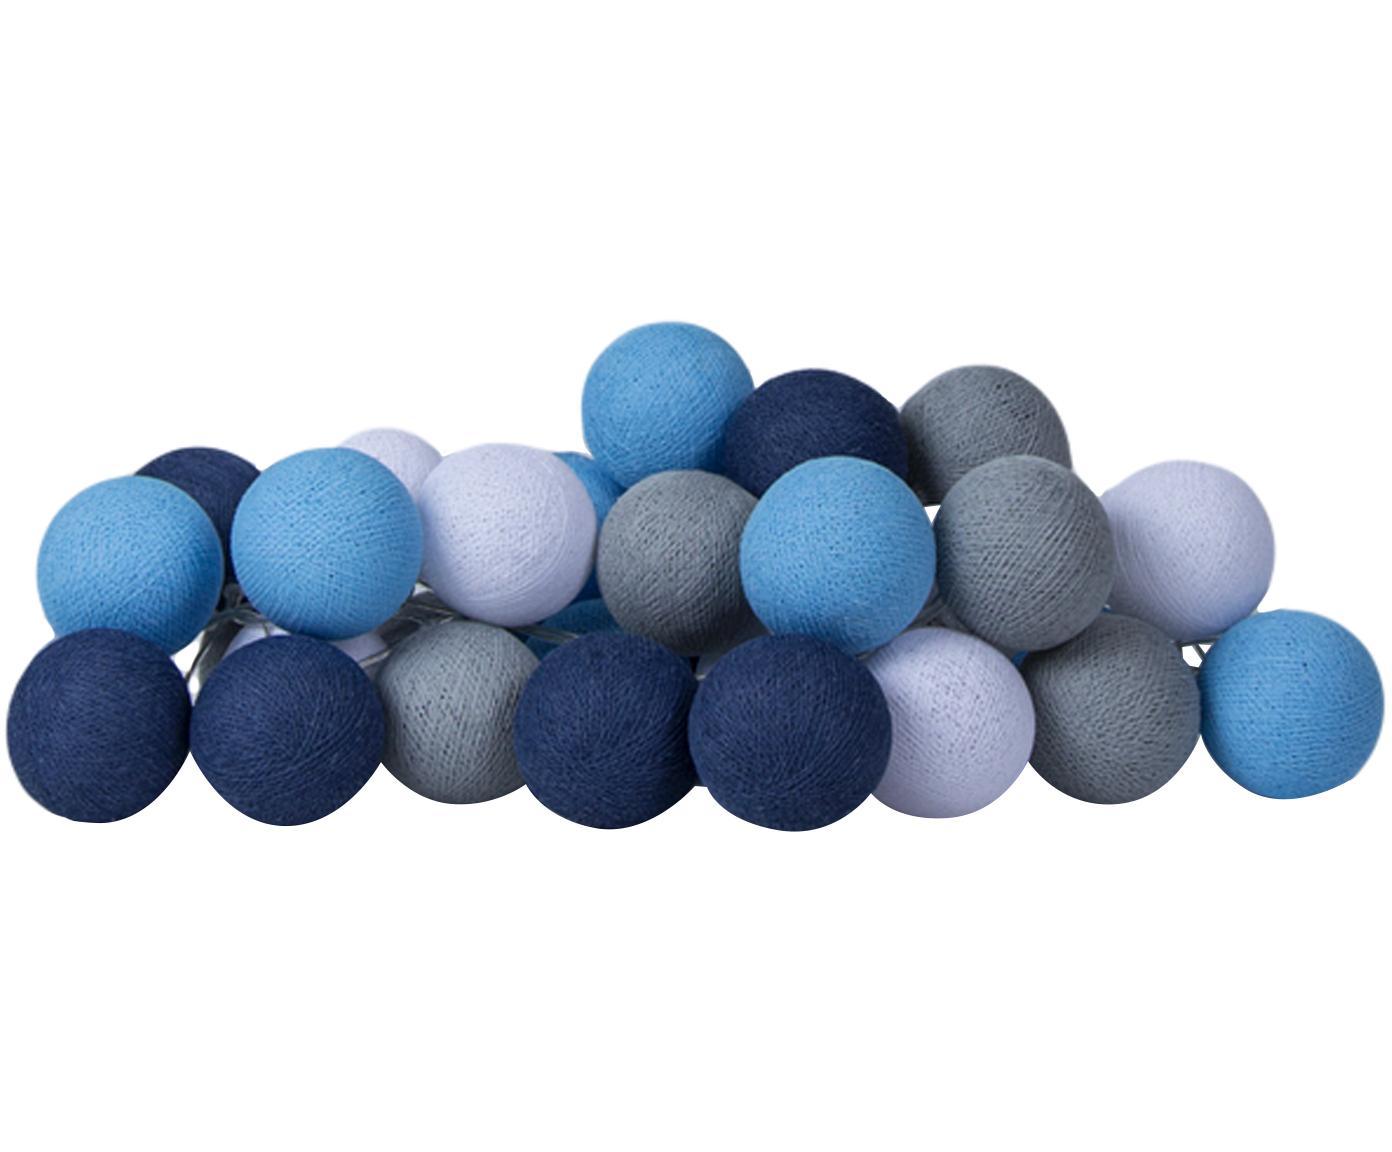 Guirnalda de luces LED Colorain, Cable: plástico, Tonos azules, gris, blanco, L 354 cm